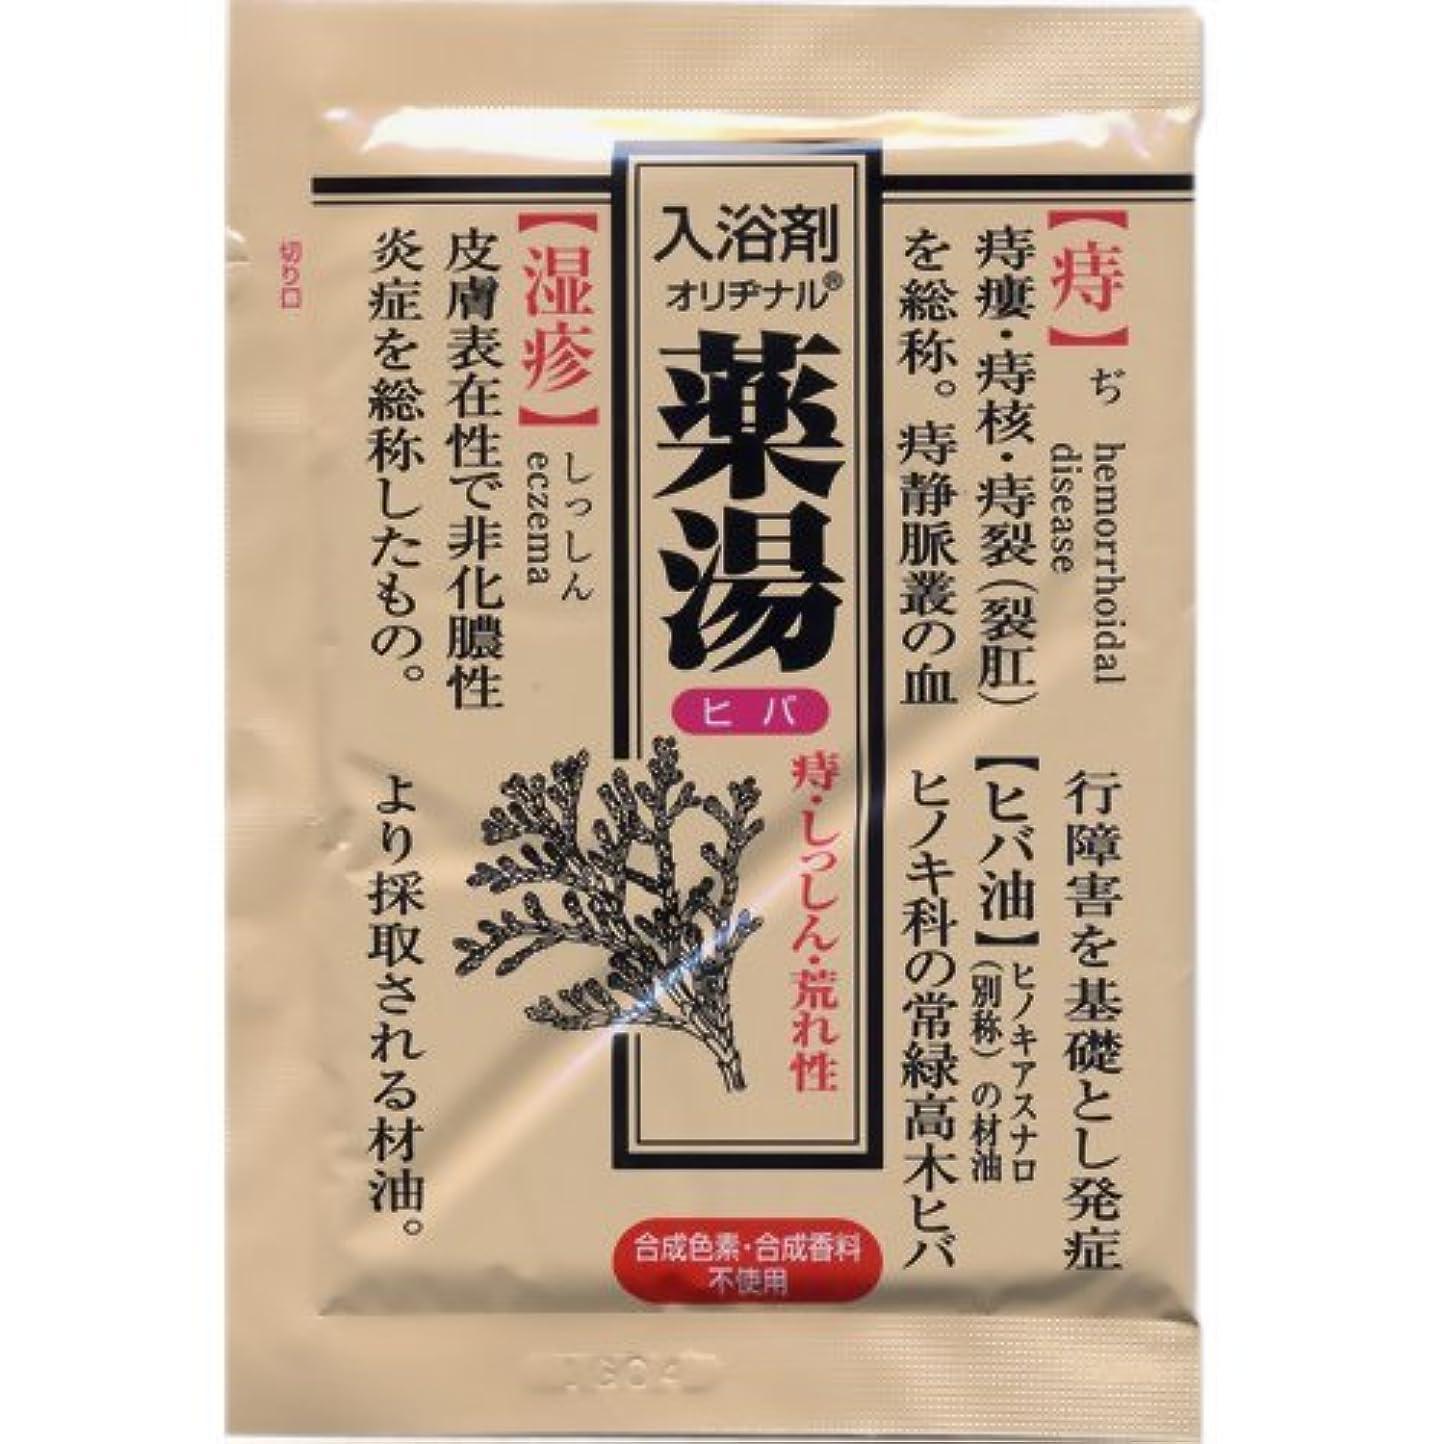 オリヂナル 薬湯 ヒバ 30g